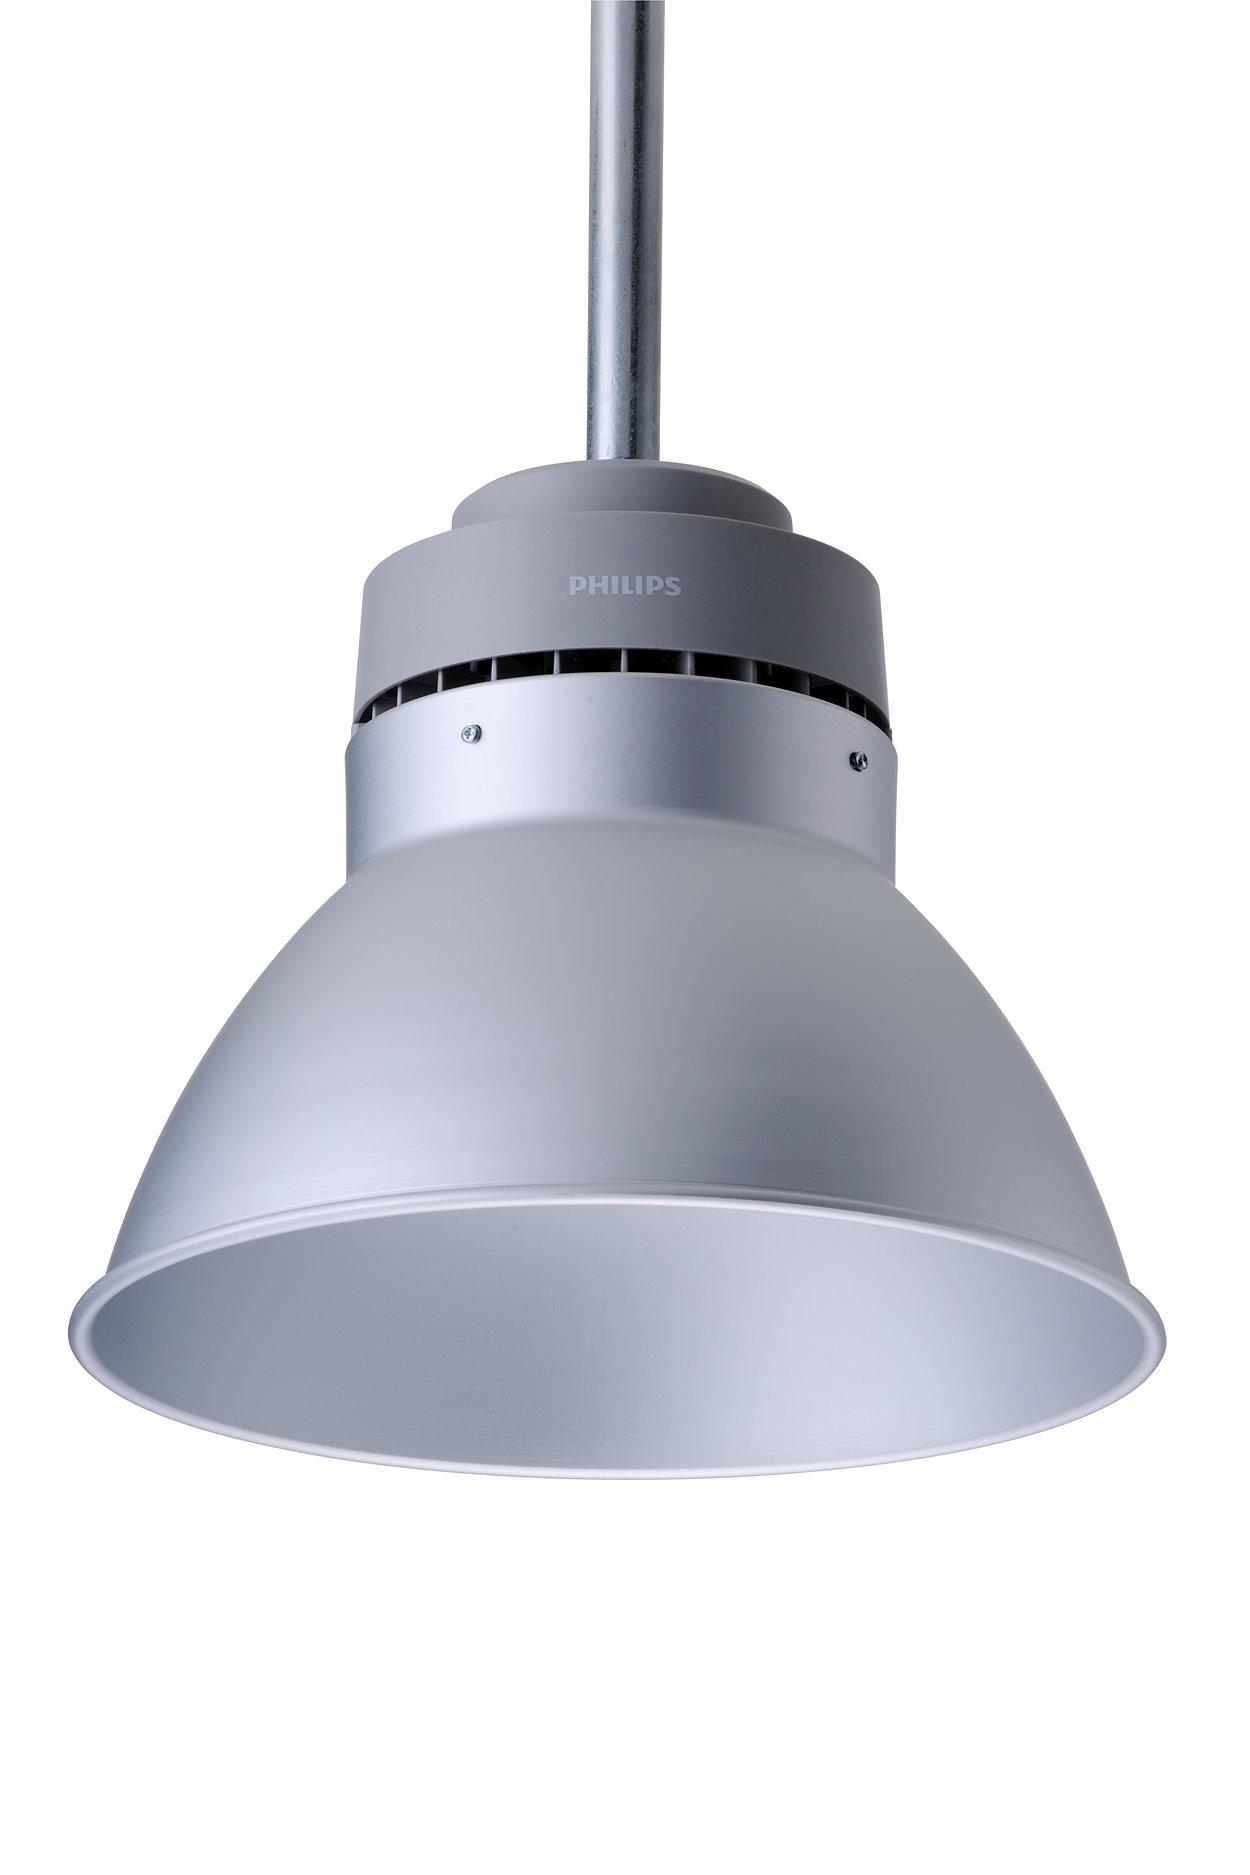 為更安全的工作環境提供的更明亮照明解決方案